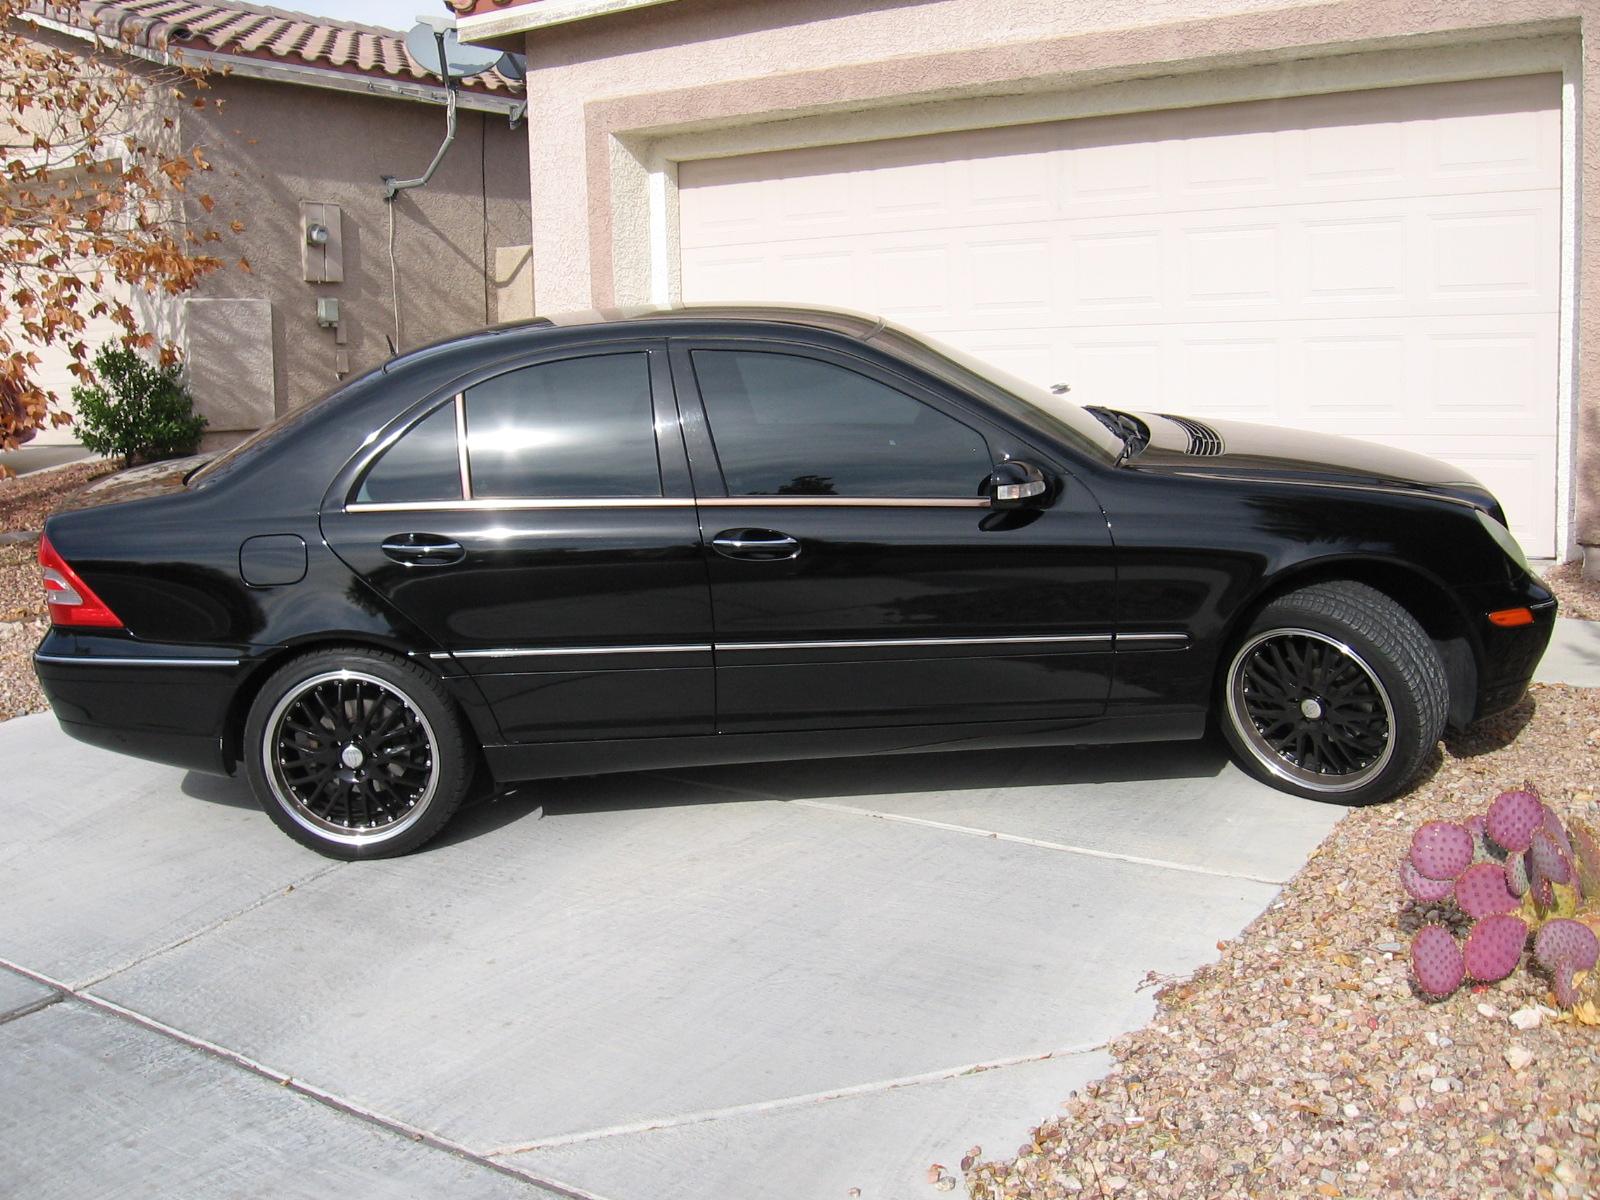 Mercedes C240 Mercedes Benz c Class C240